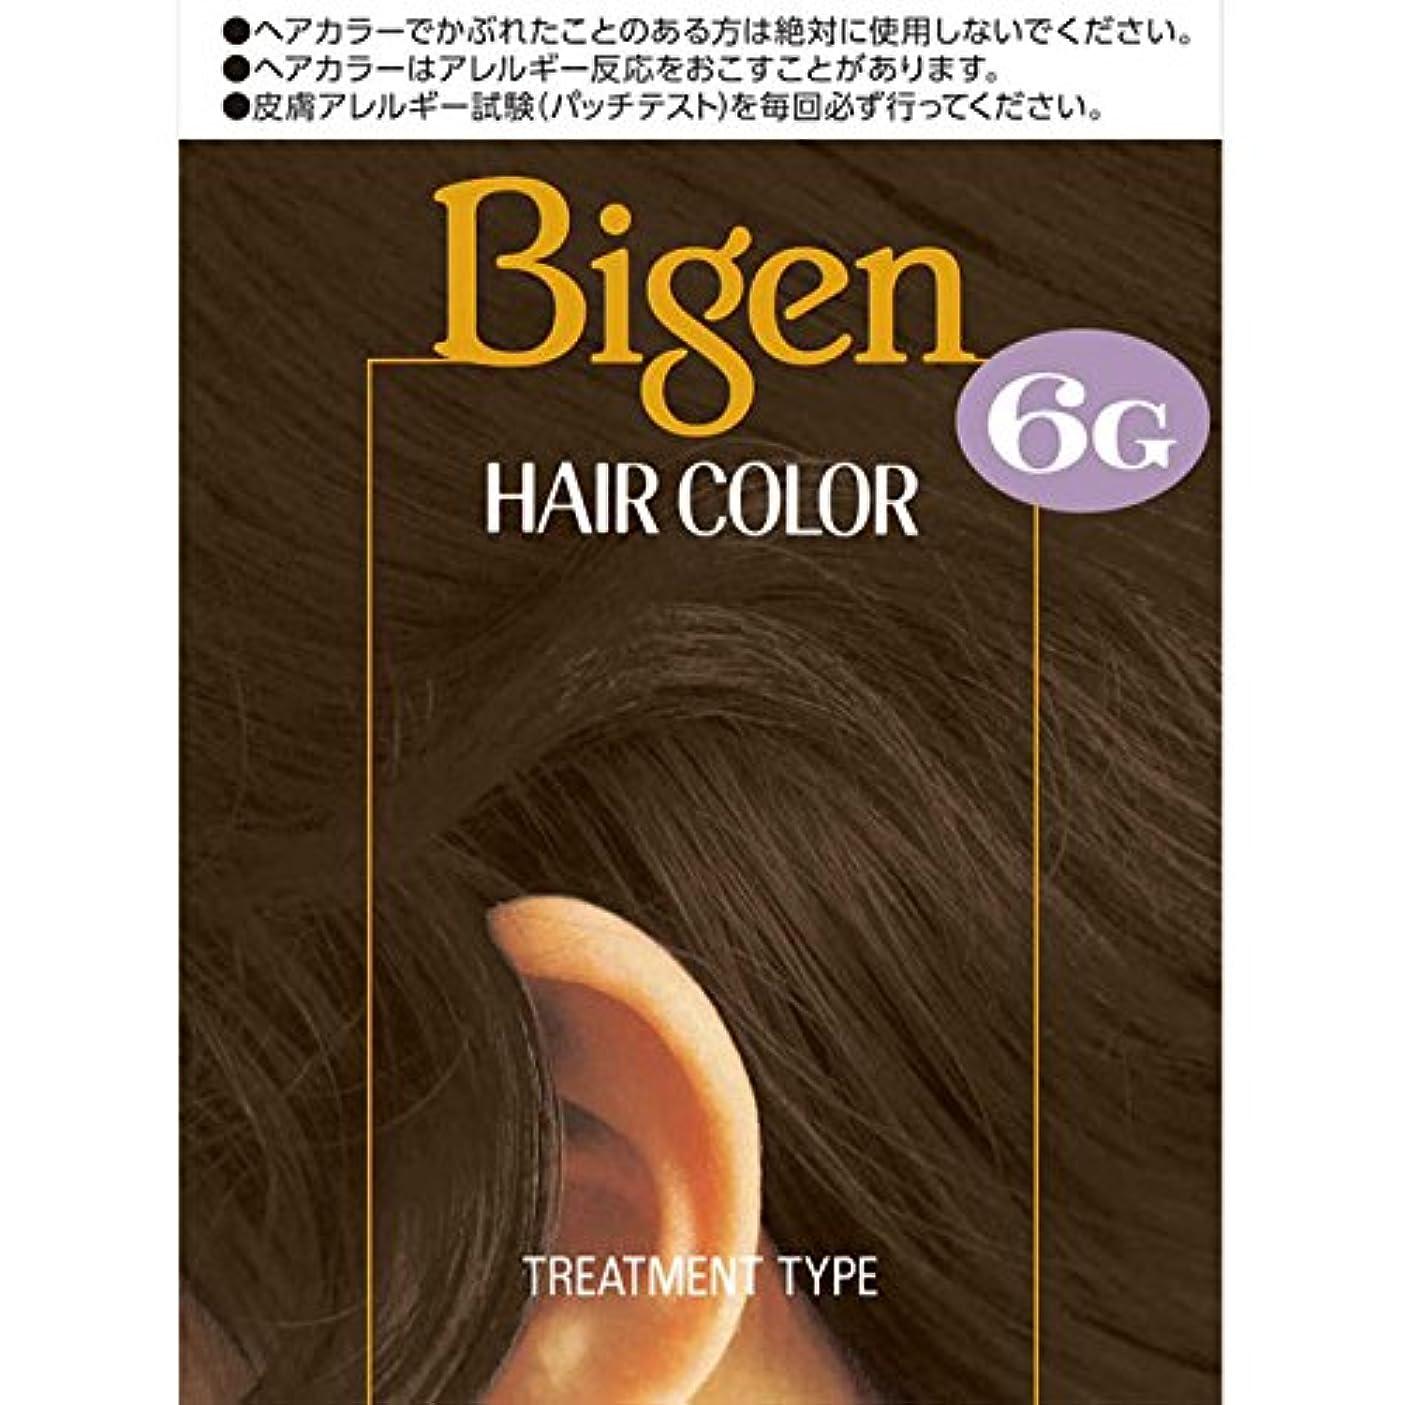 マガジンラリー電極ホーユー ビゲン ヘアカラー 6G 自然な褐色 40ml×2